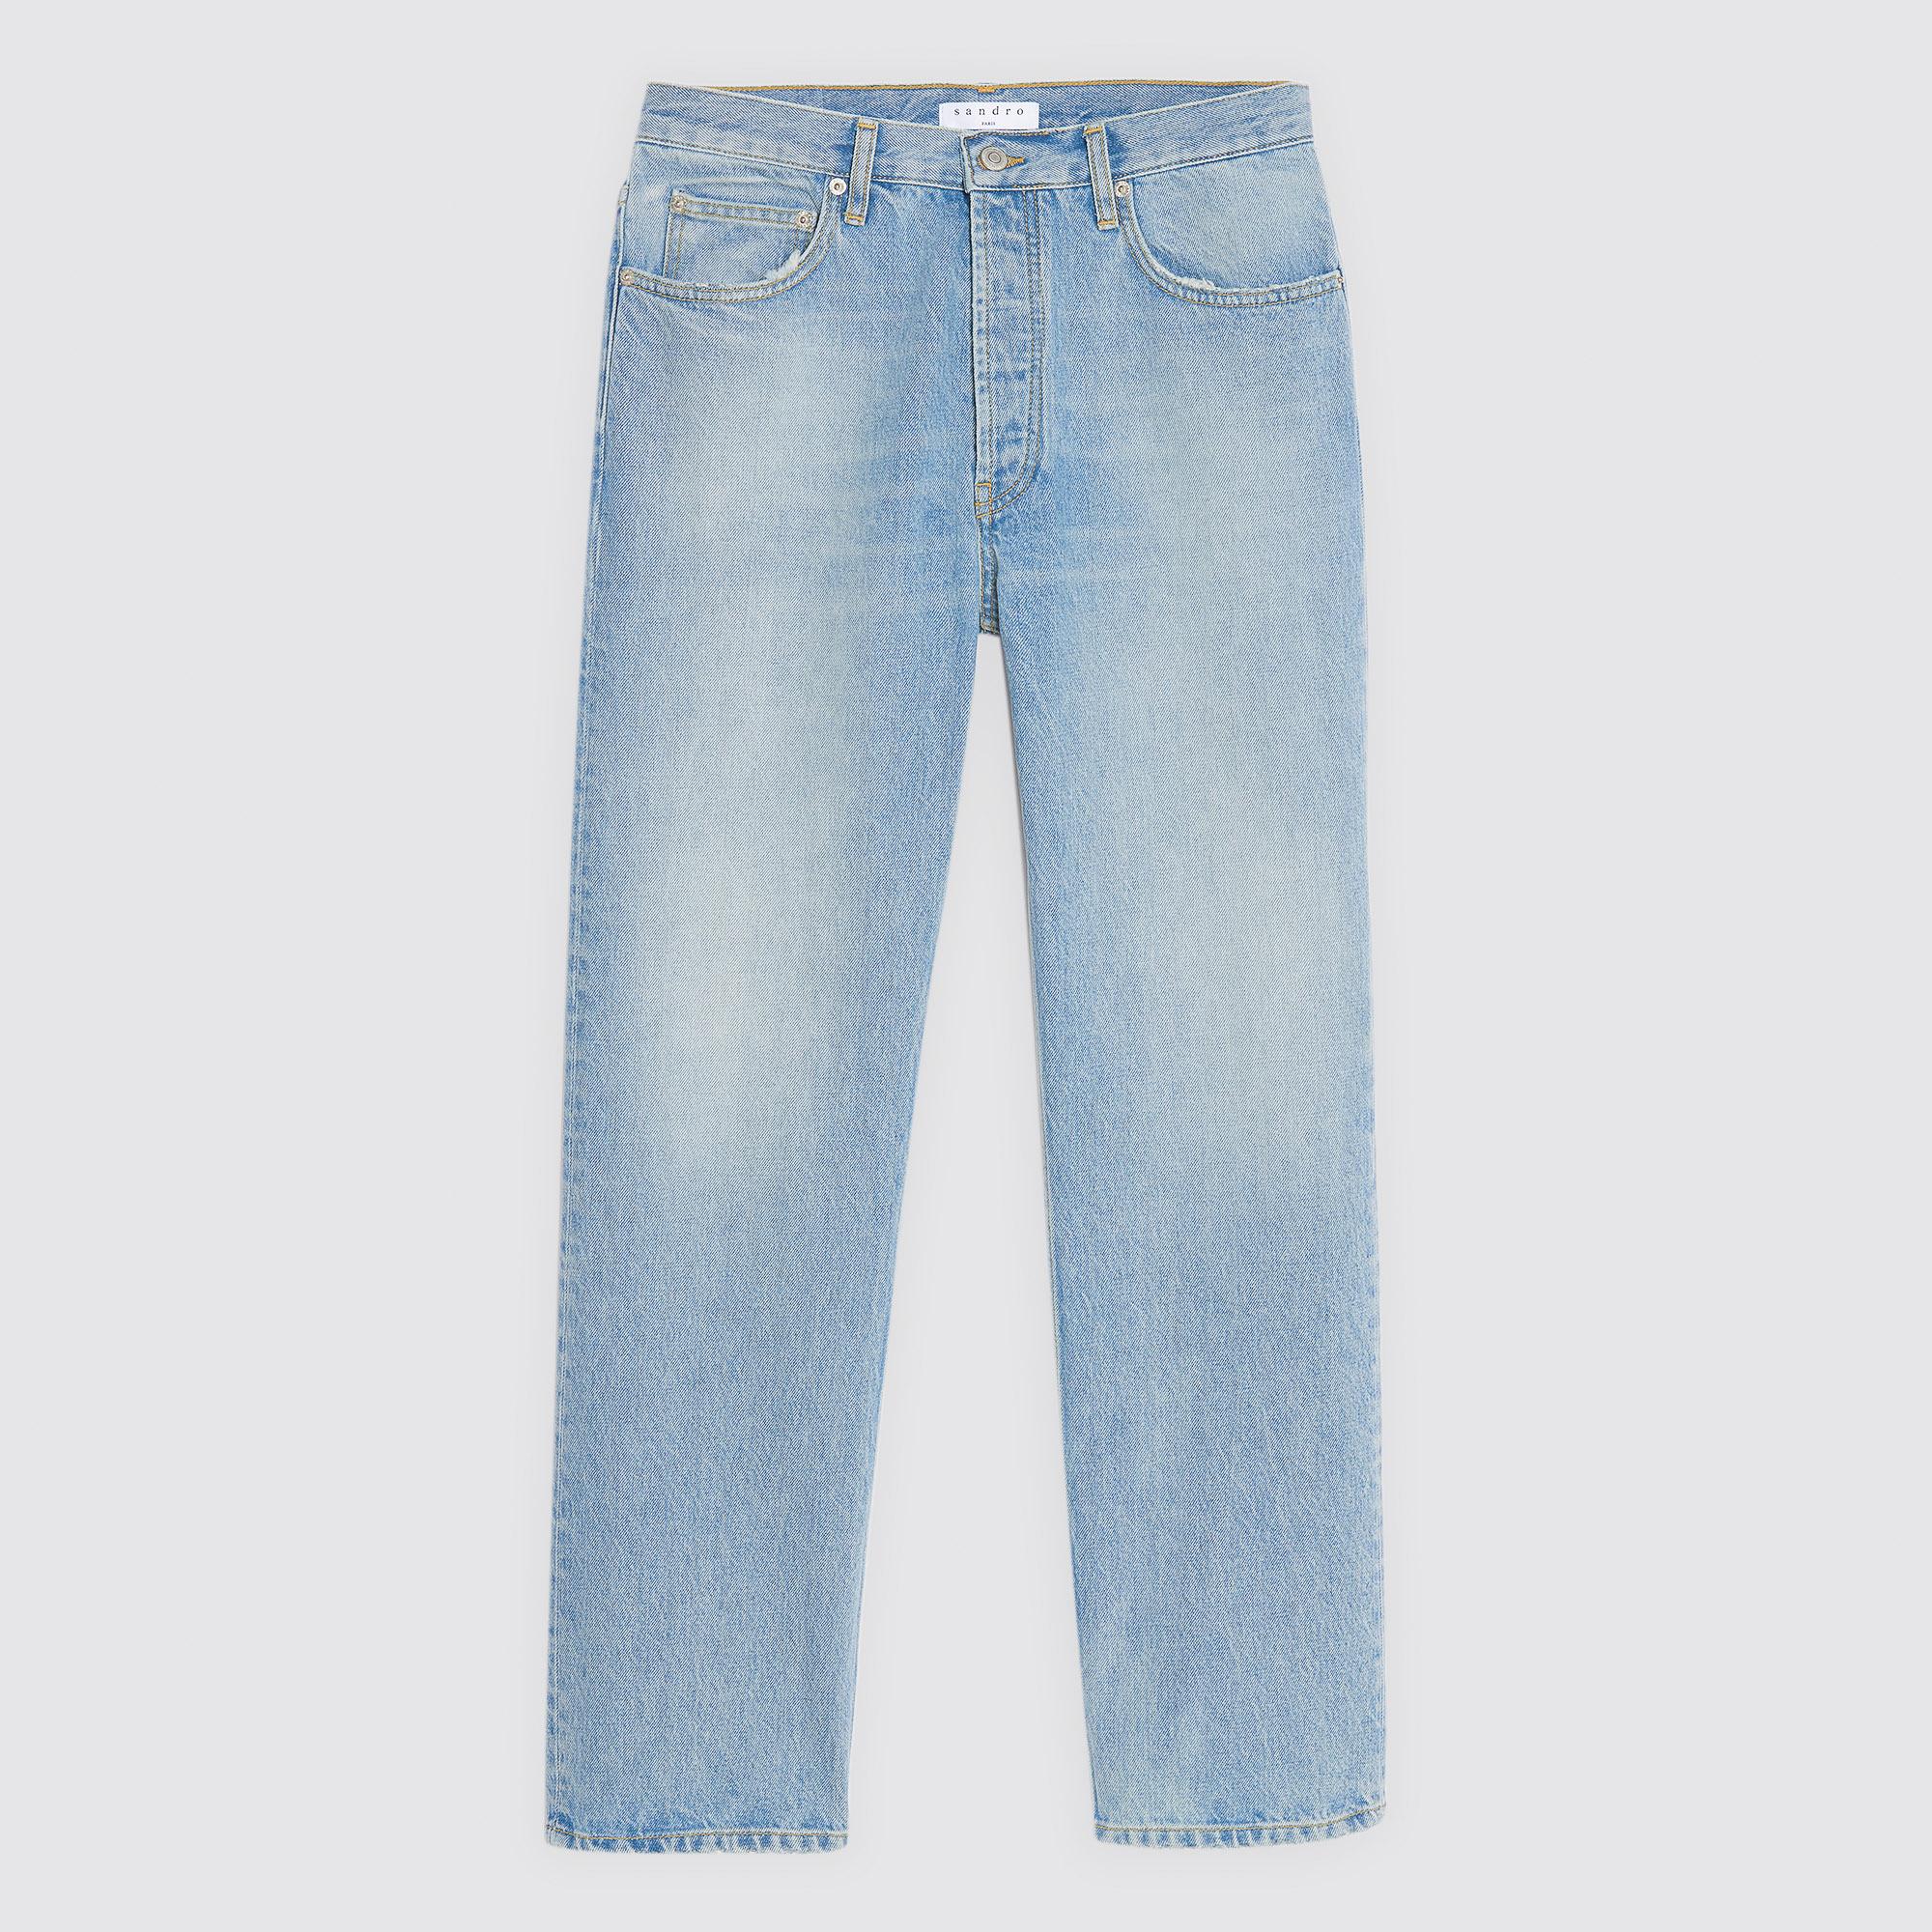 Jeans blu chiari linea dritta : Collezione Estiva colore Blu Chiaro